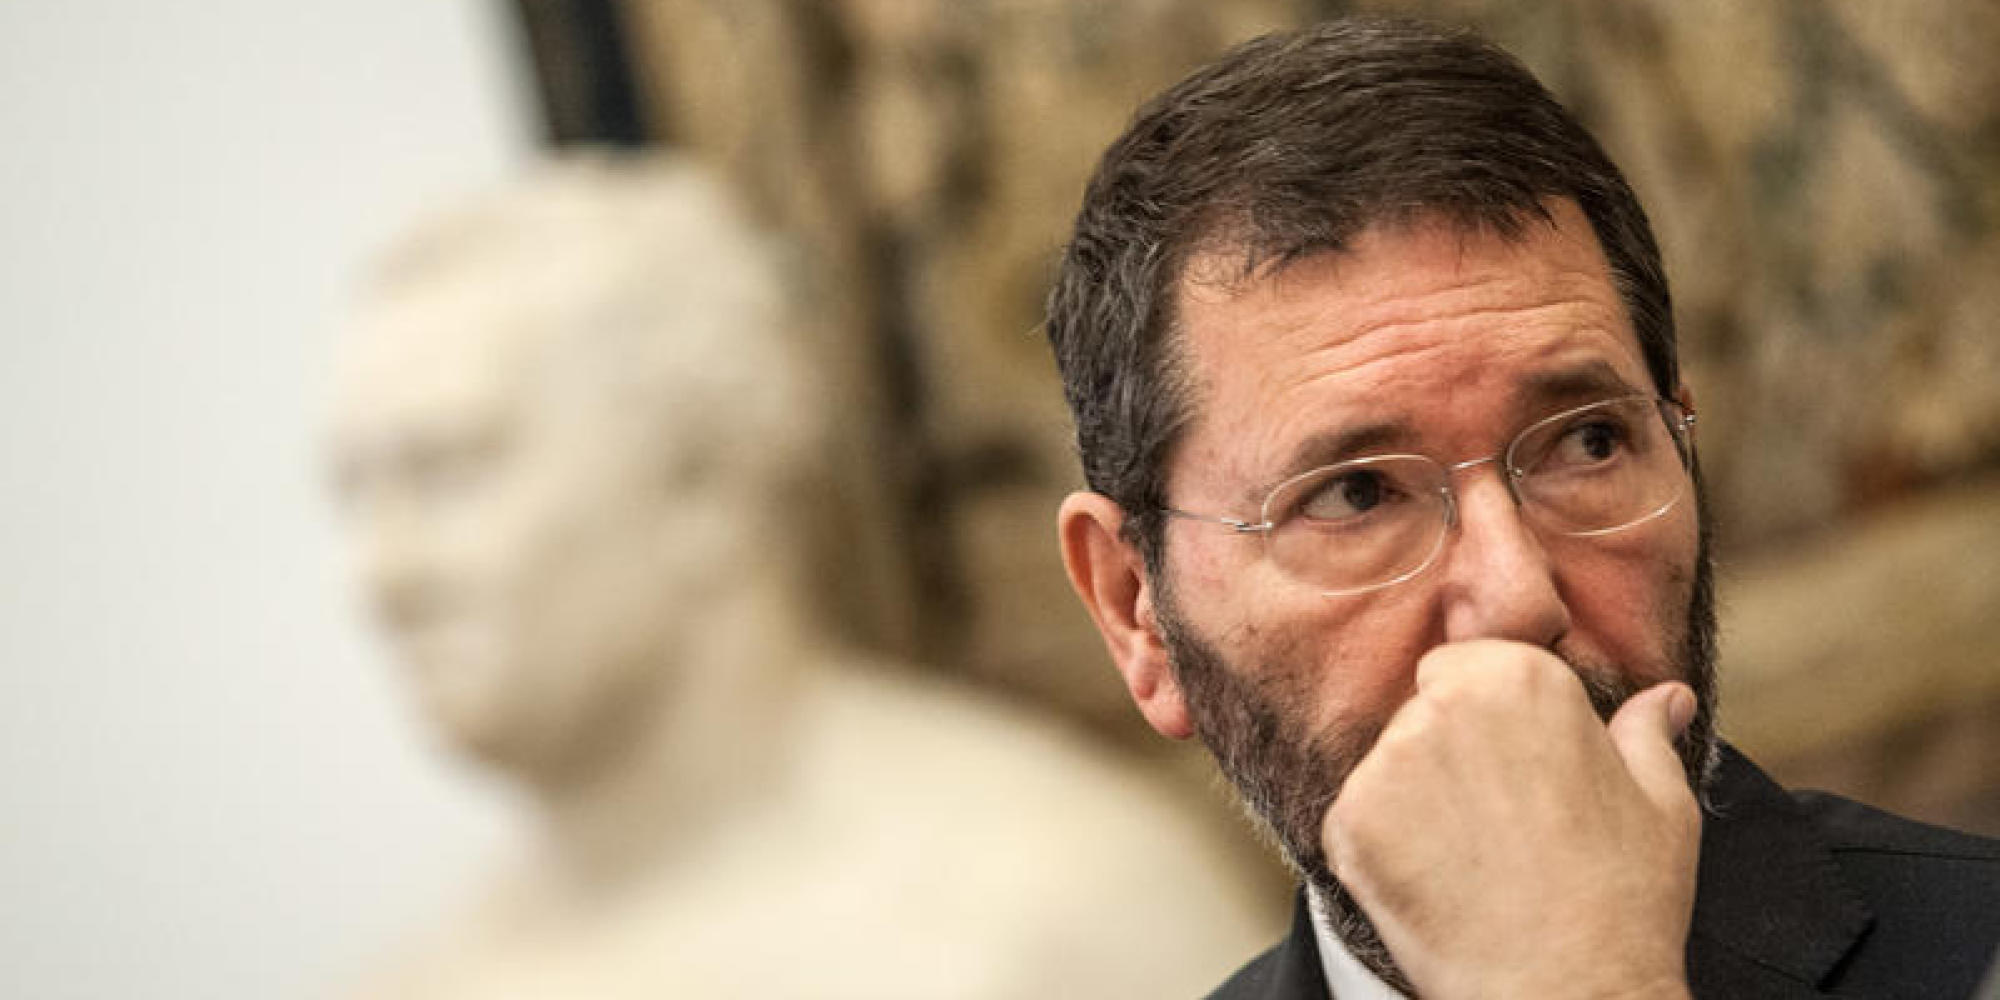 """Spese di Marino, la procura apre un'indagine. La Comunita' di Sant' Egidio smentisce il sindaco: """"Mai stati a quella cena"""""""